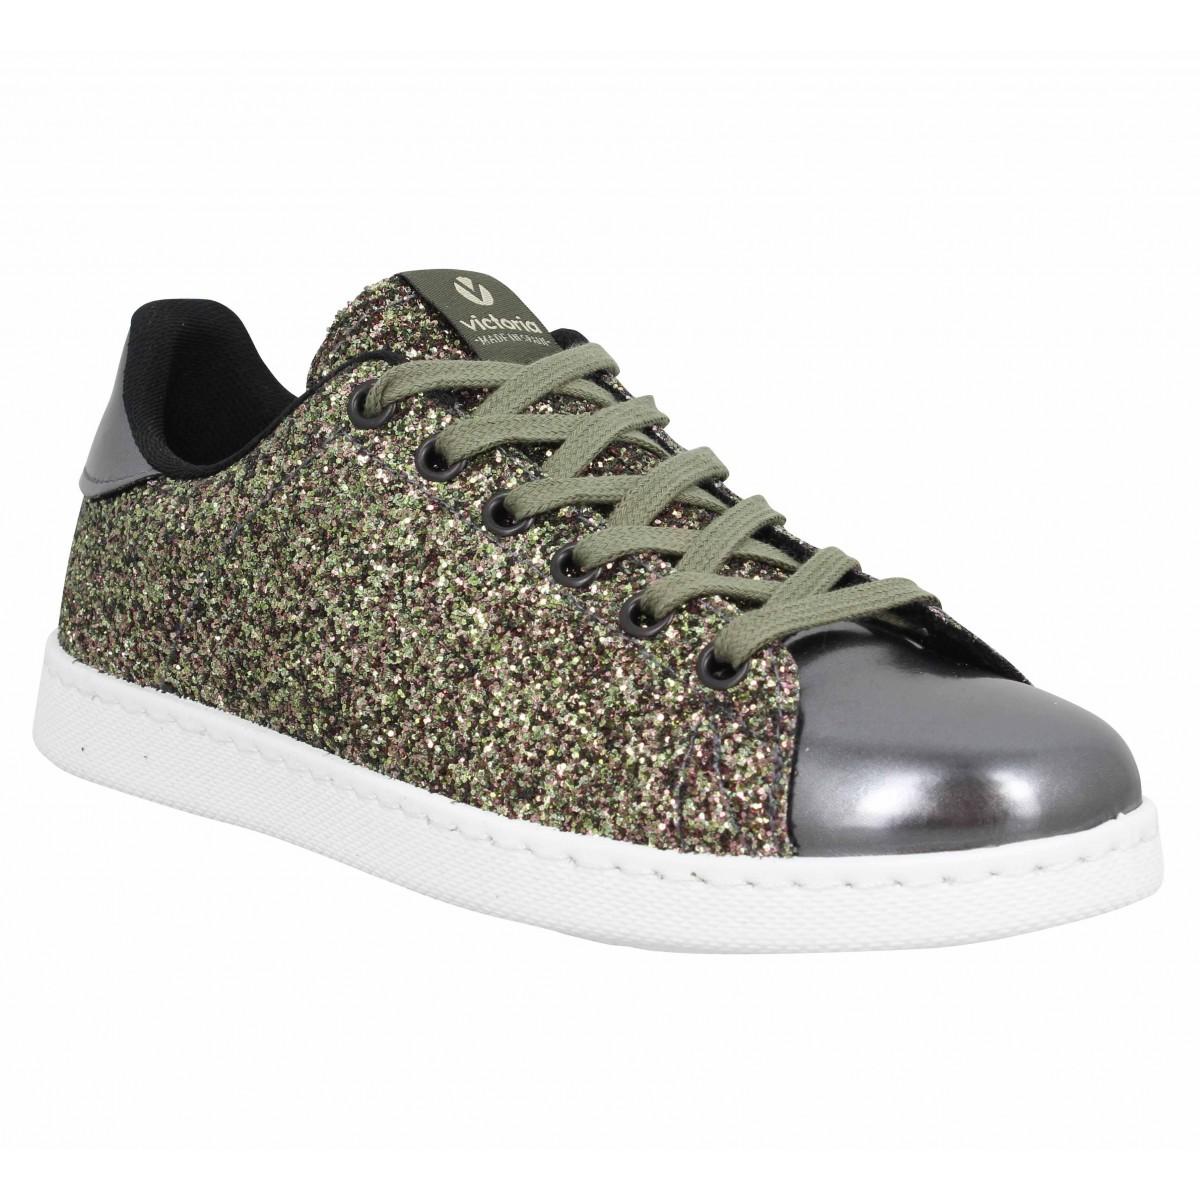 VICTORIA Chaussures TENIS GLITTER Kaki 112558 Newstock Boutique